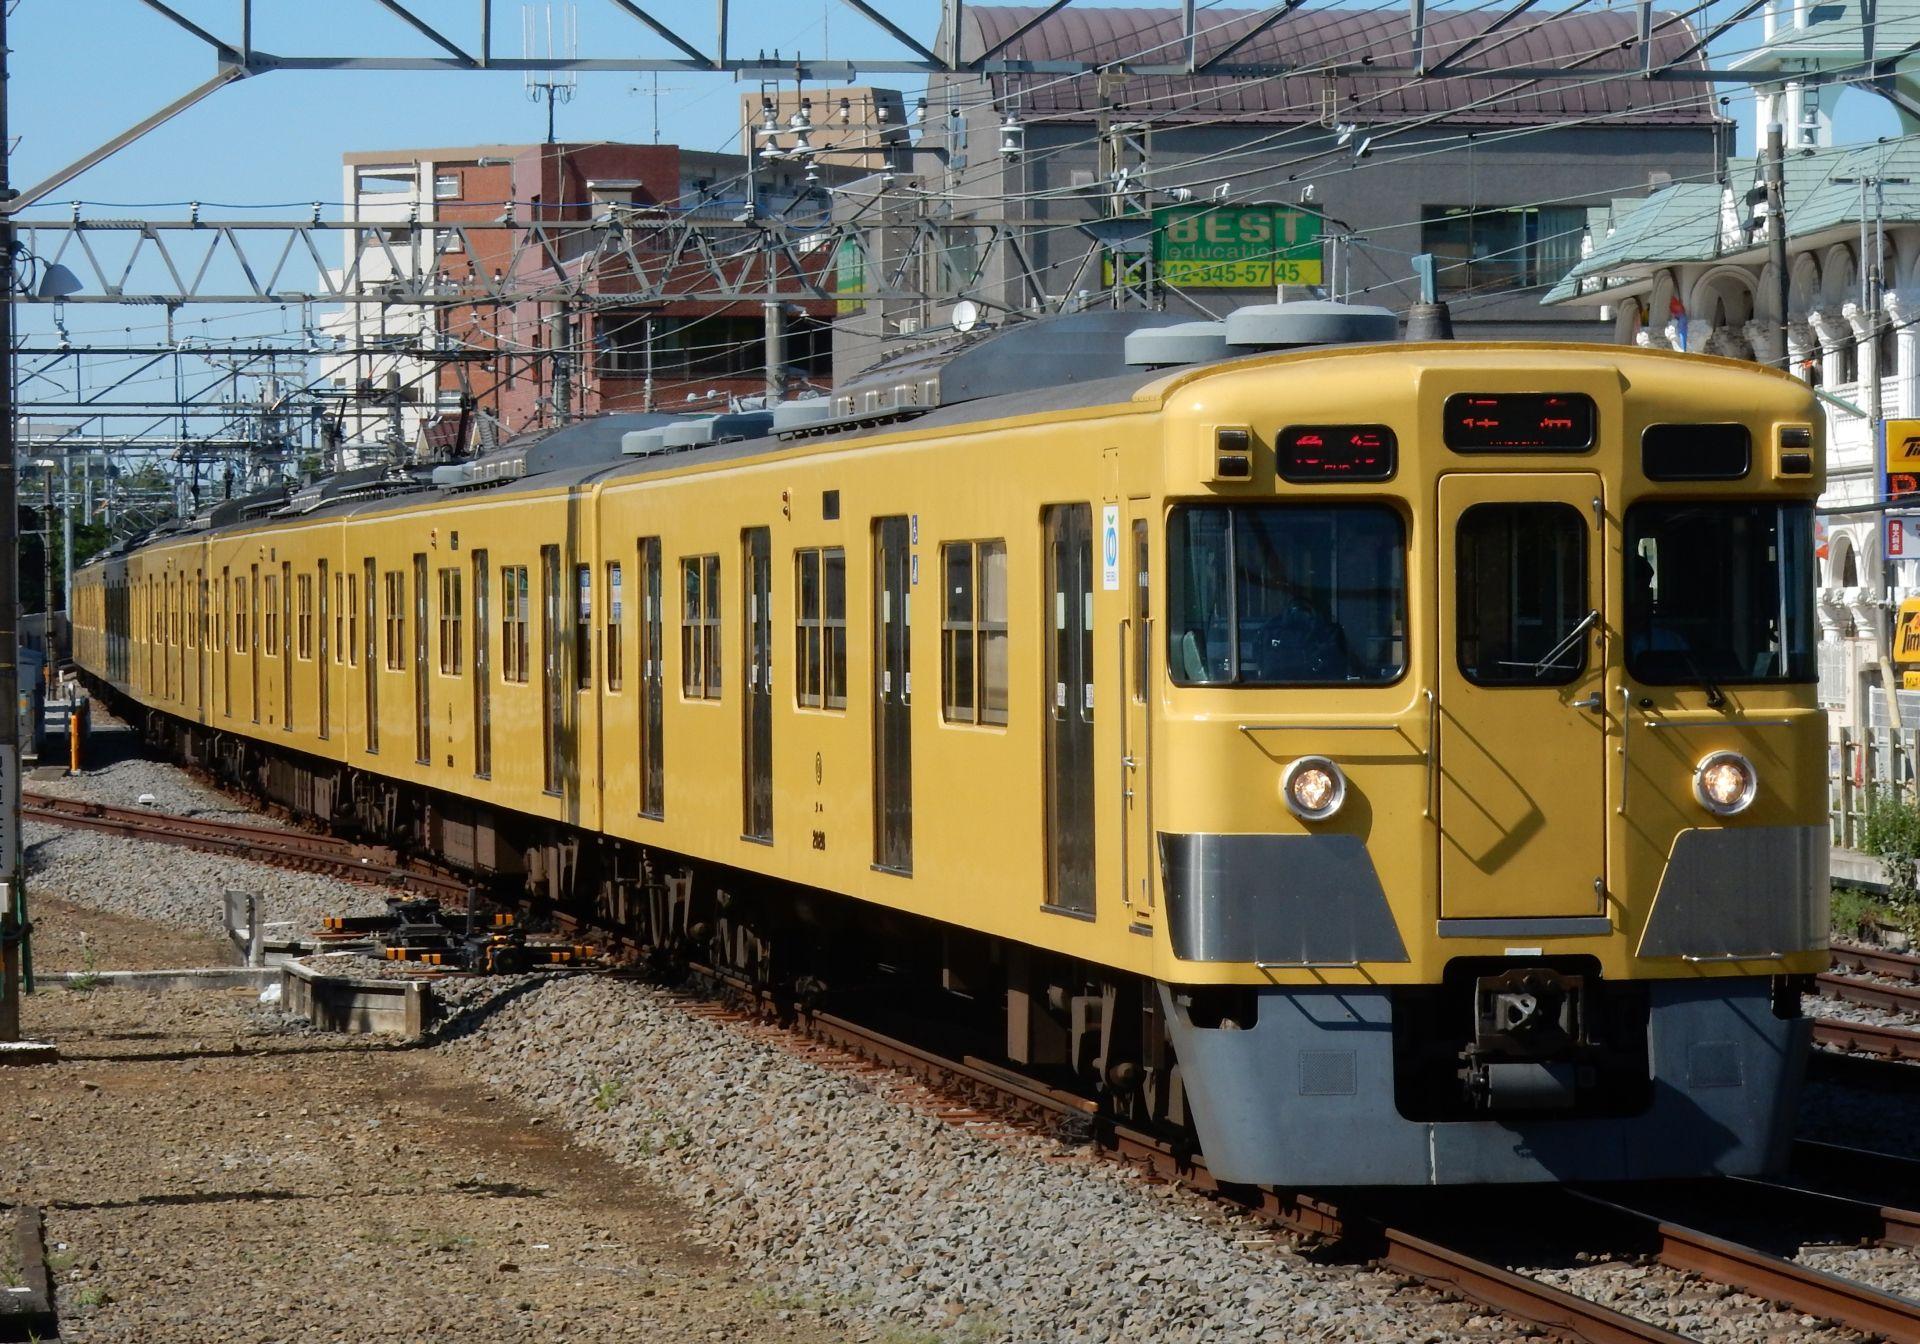 DSCN9807 - コピー